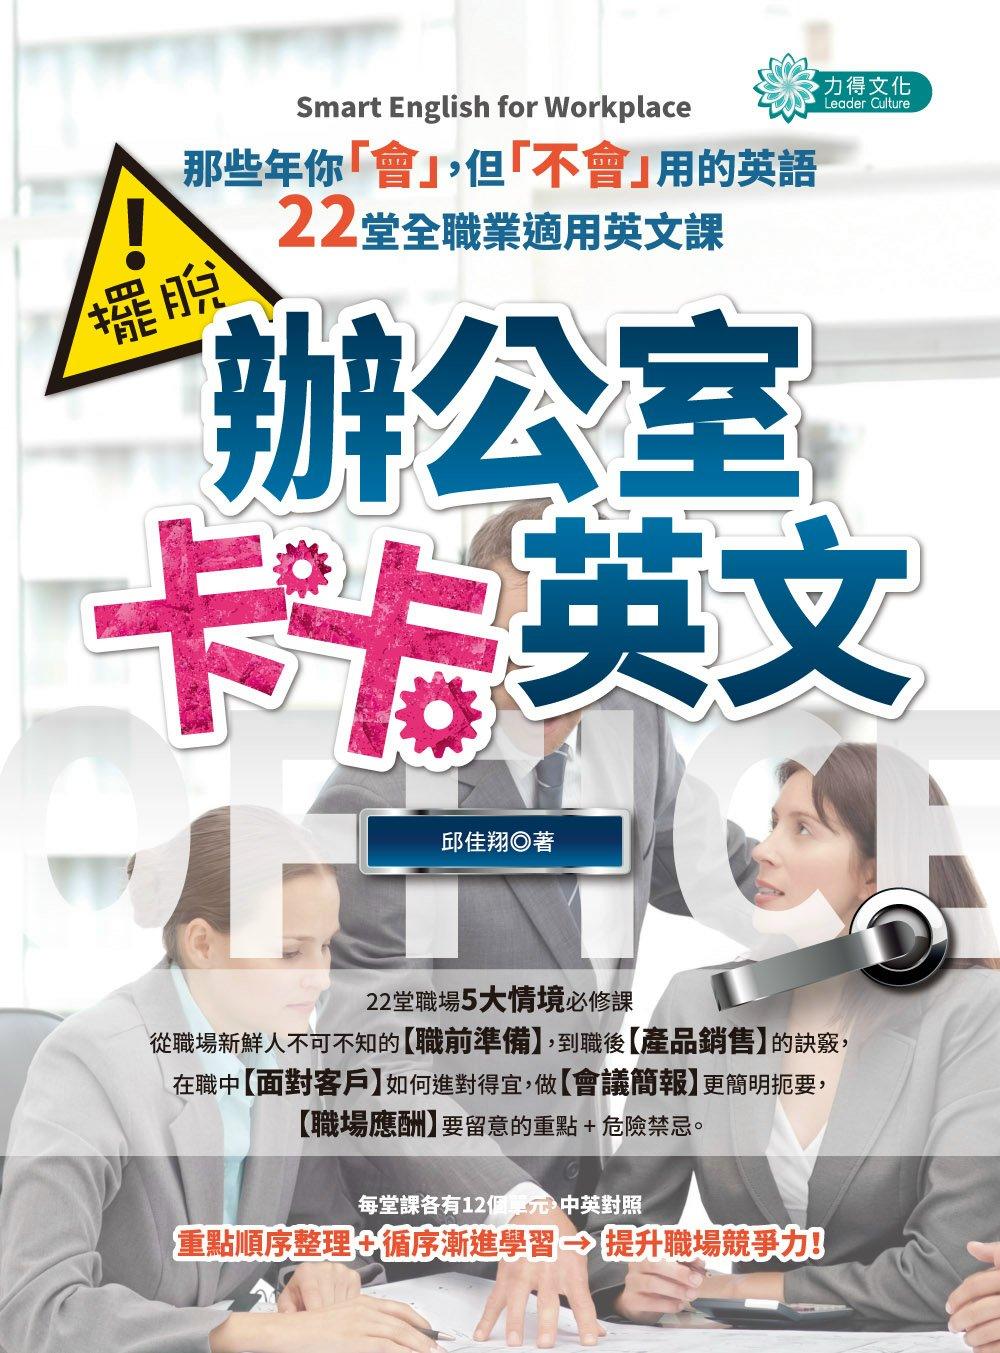 擺脫辦公室卡卡英文:那些年你「會」,但「不會」用的英語,22堂全職業適用英文課